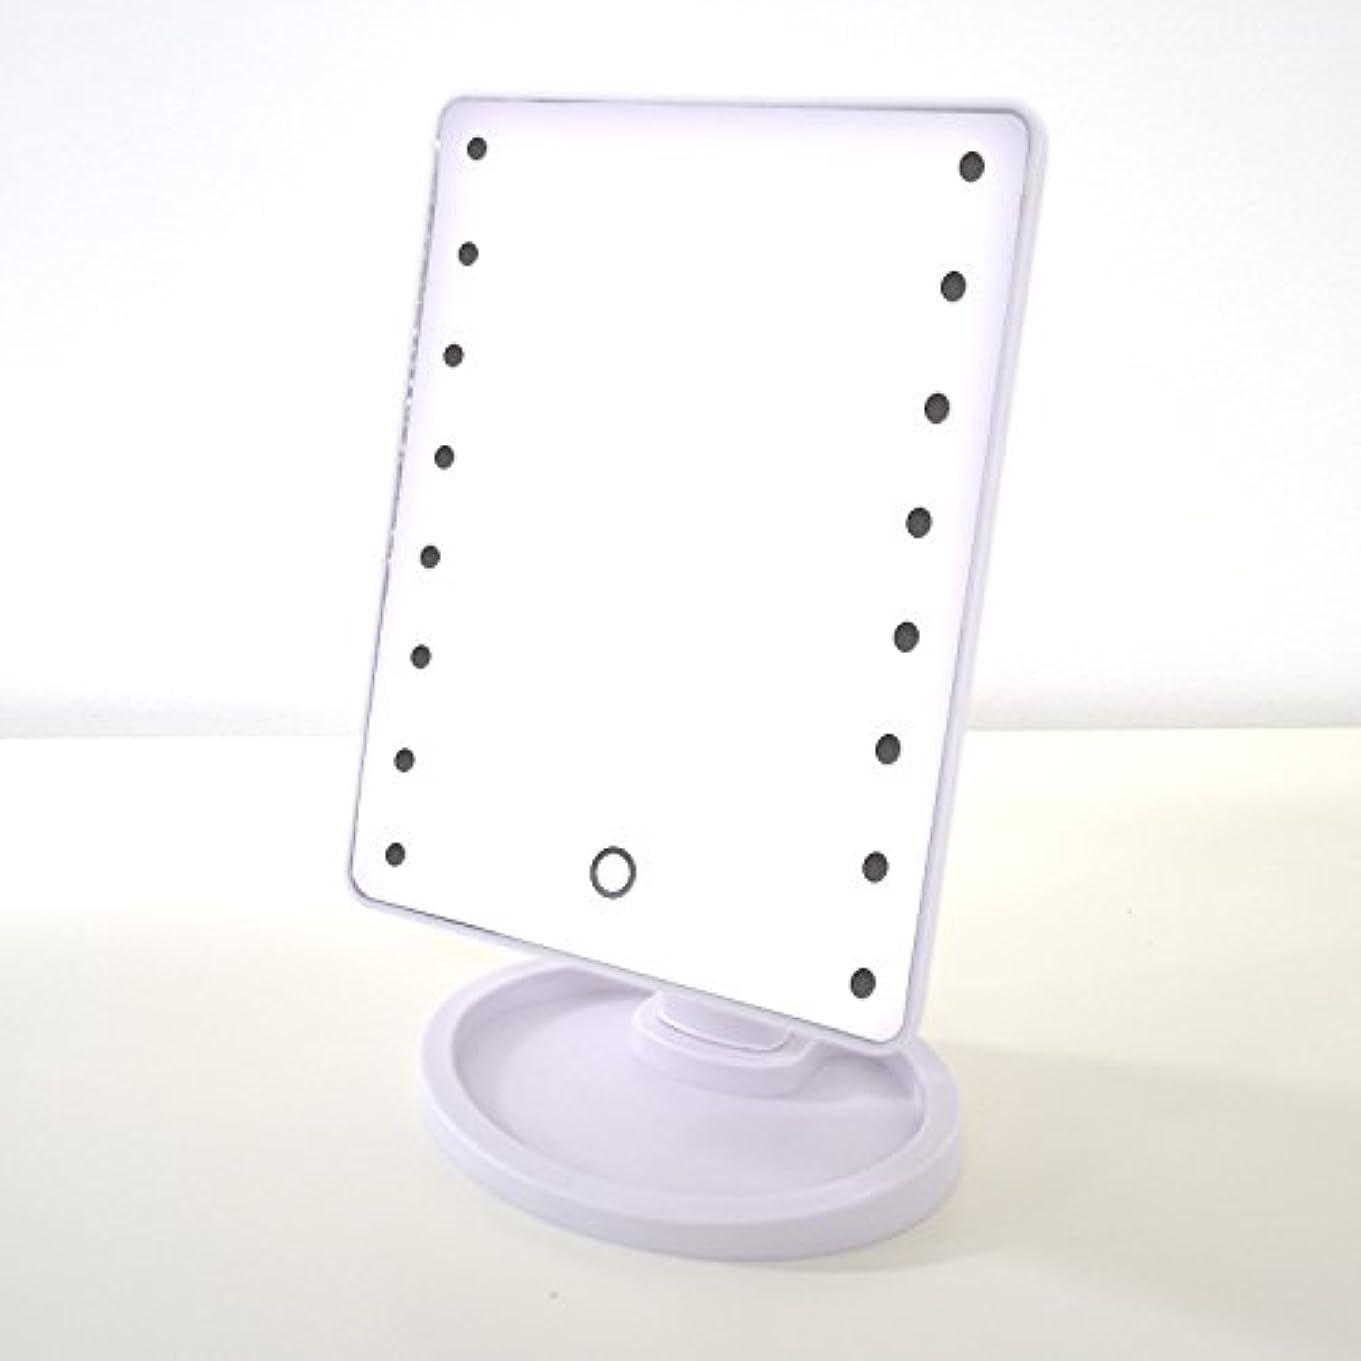 最少住人統合するLED化粧鏡 ランプ付き スタンドミラー プリンセスミラー LEDライト付きミラー 化粧ミラー 白 ホワイト